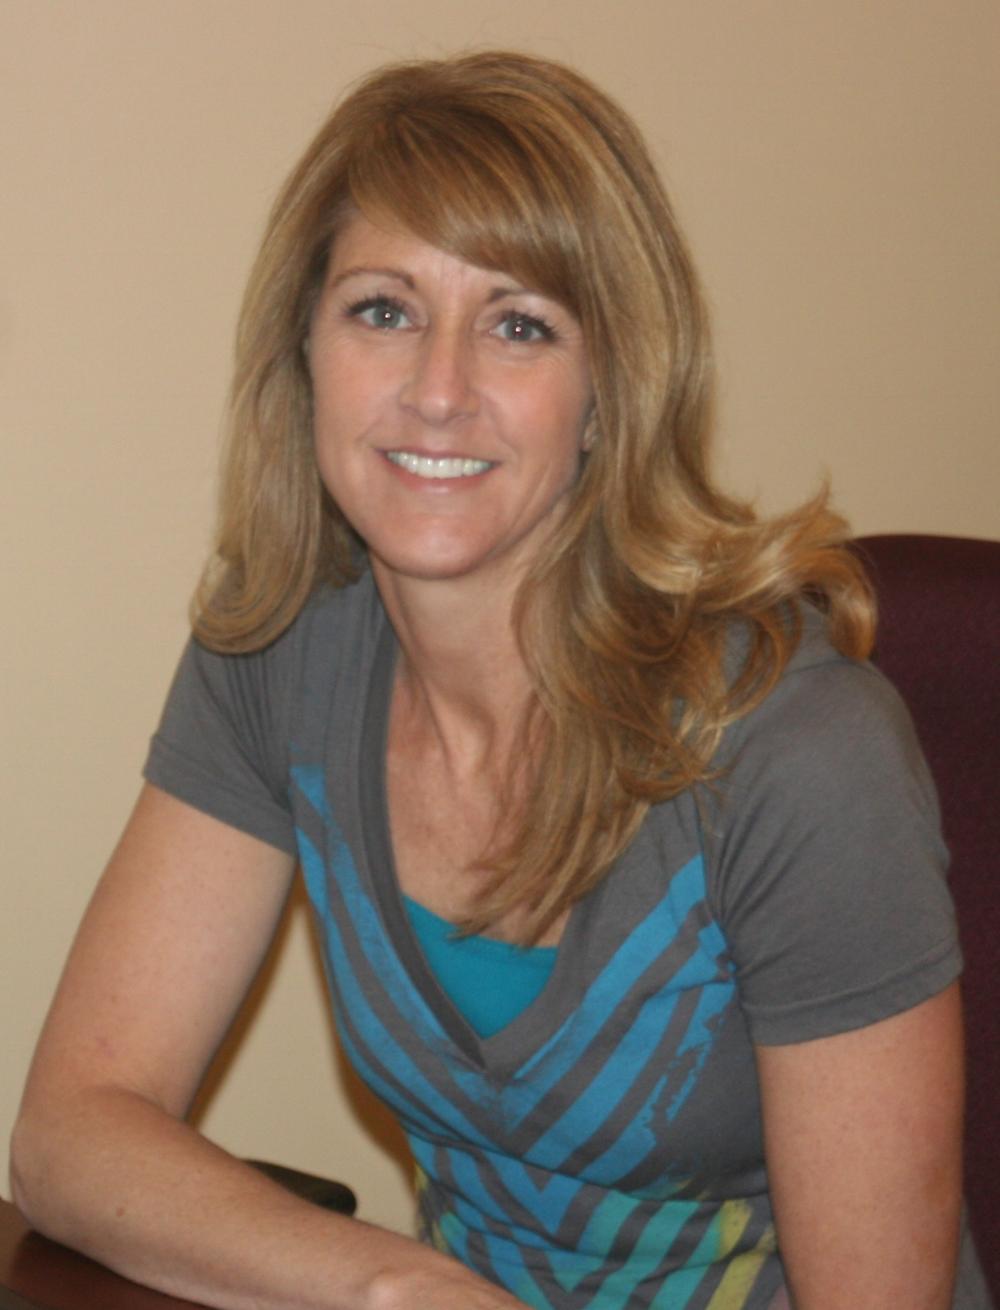 Cristen Chaffee, Executive Director